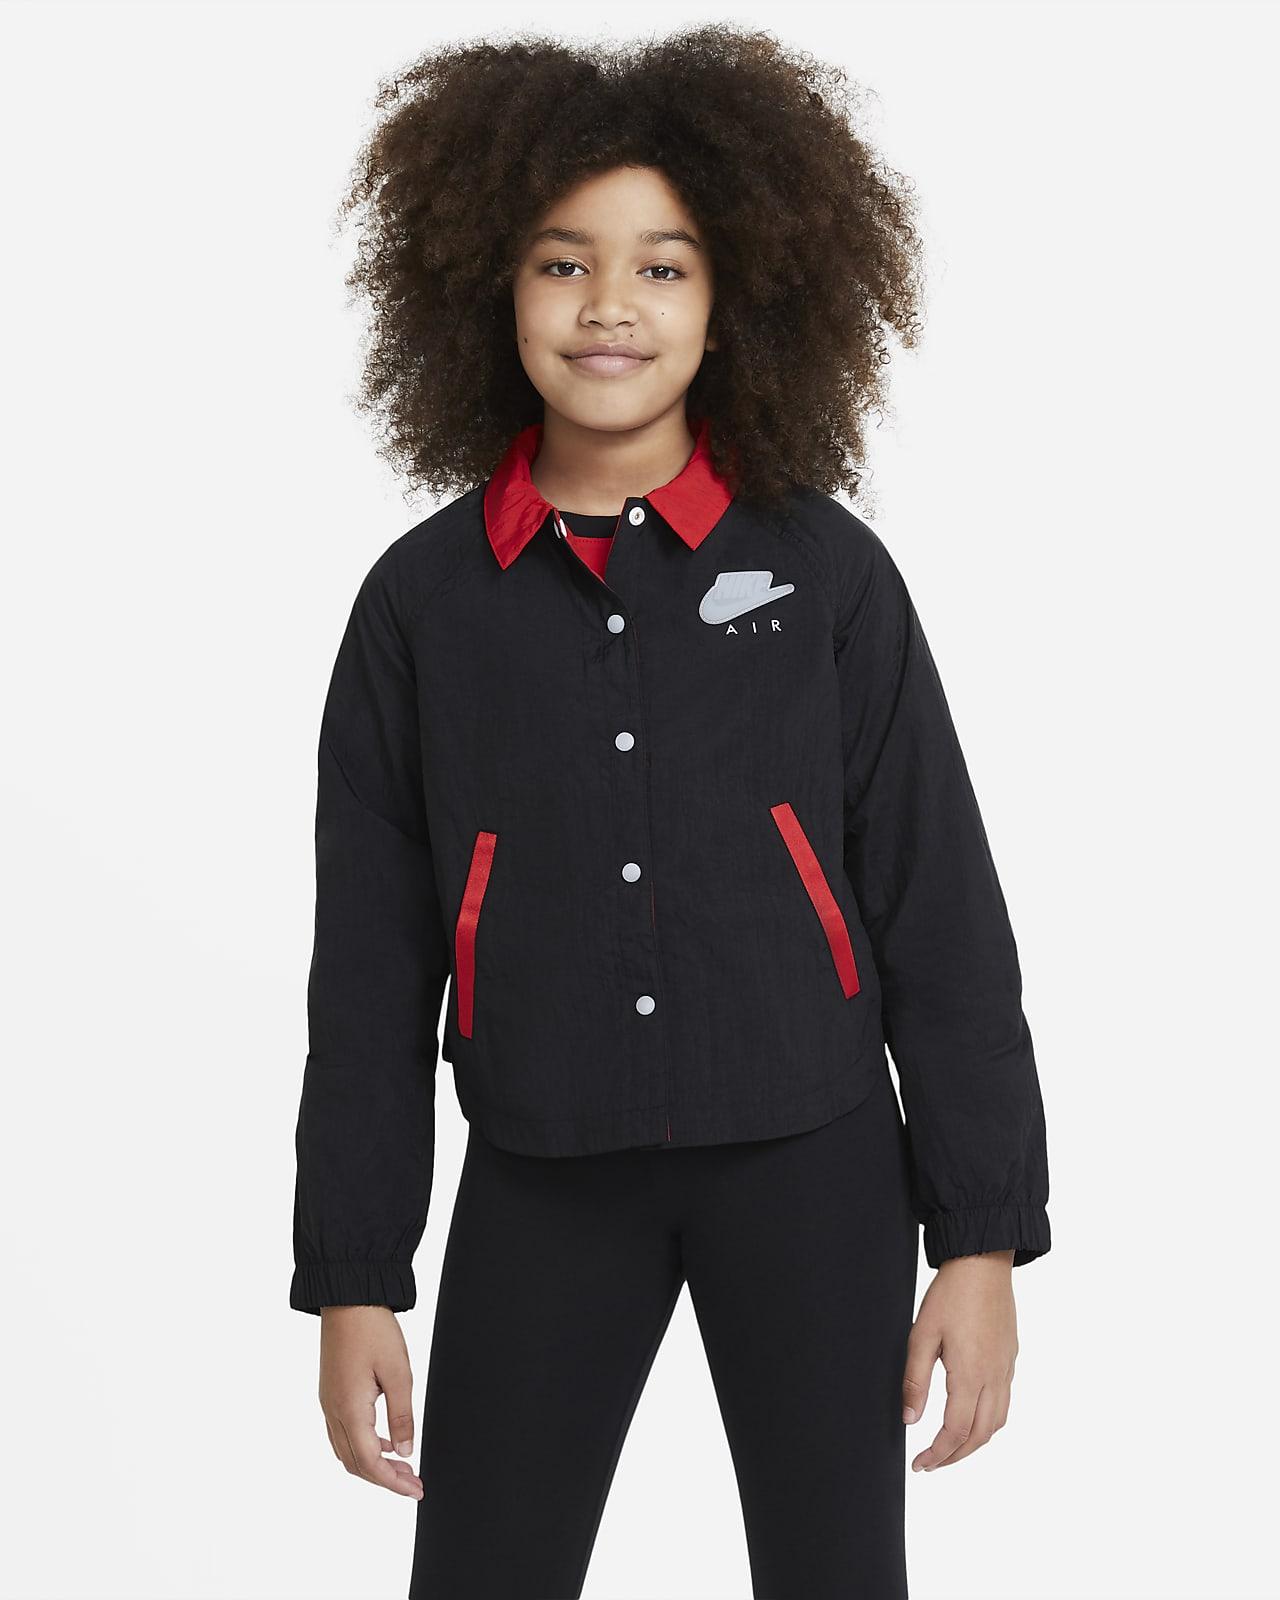 Nike Air Older Kids' (Girls') Jacket